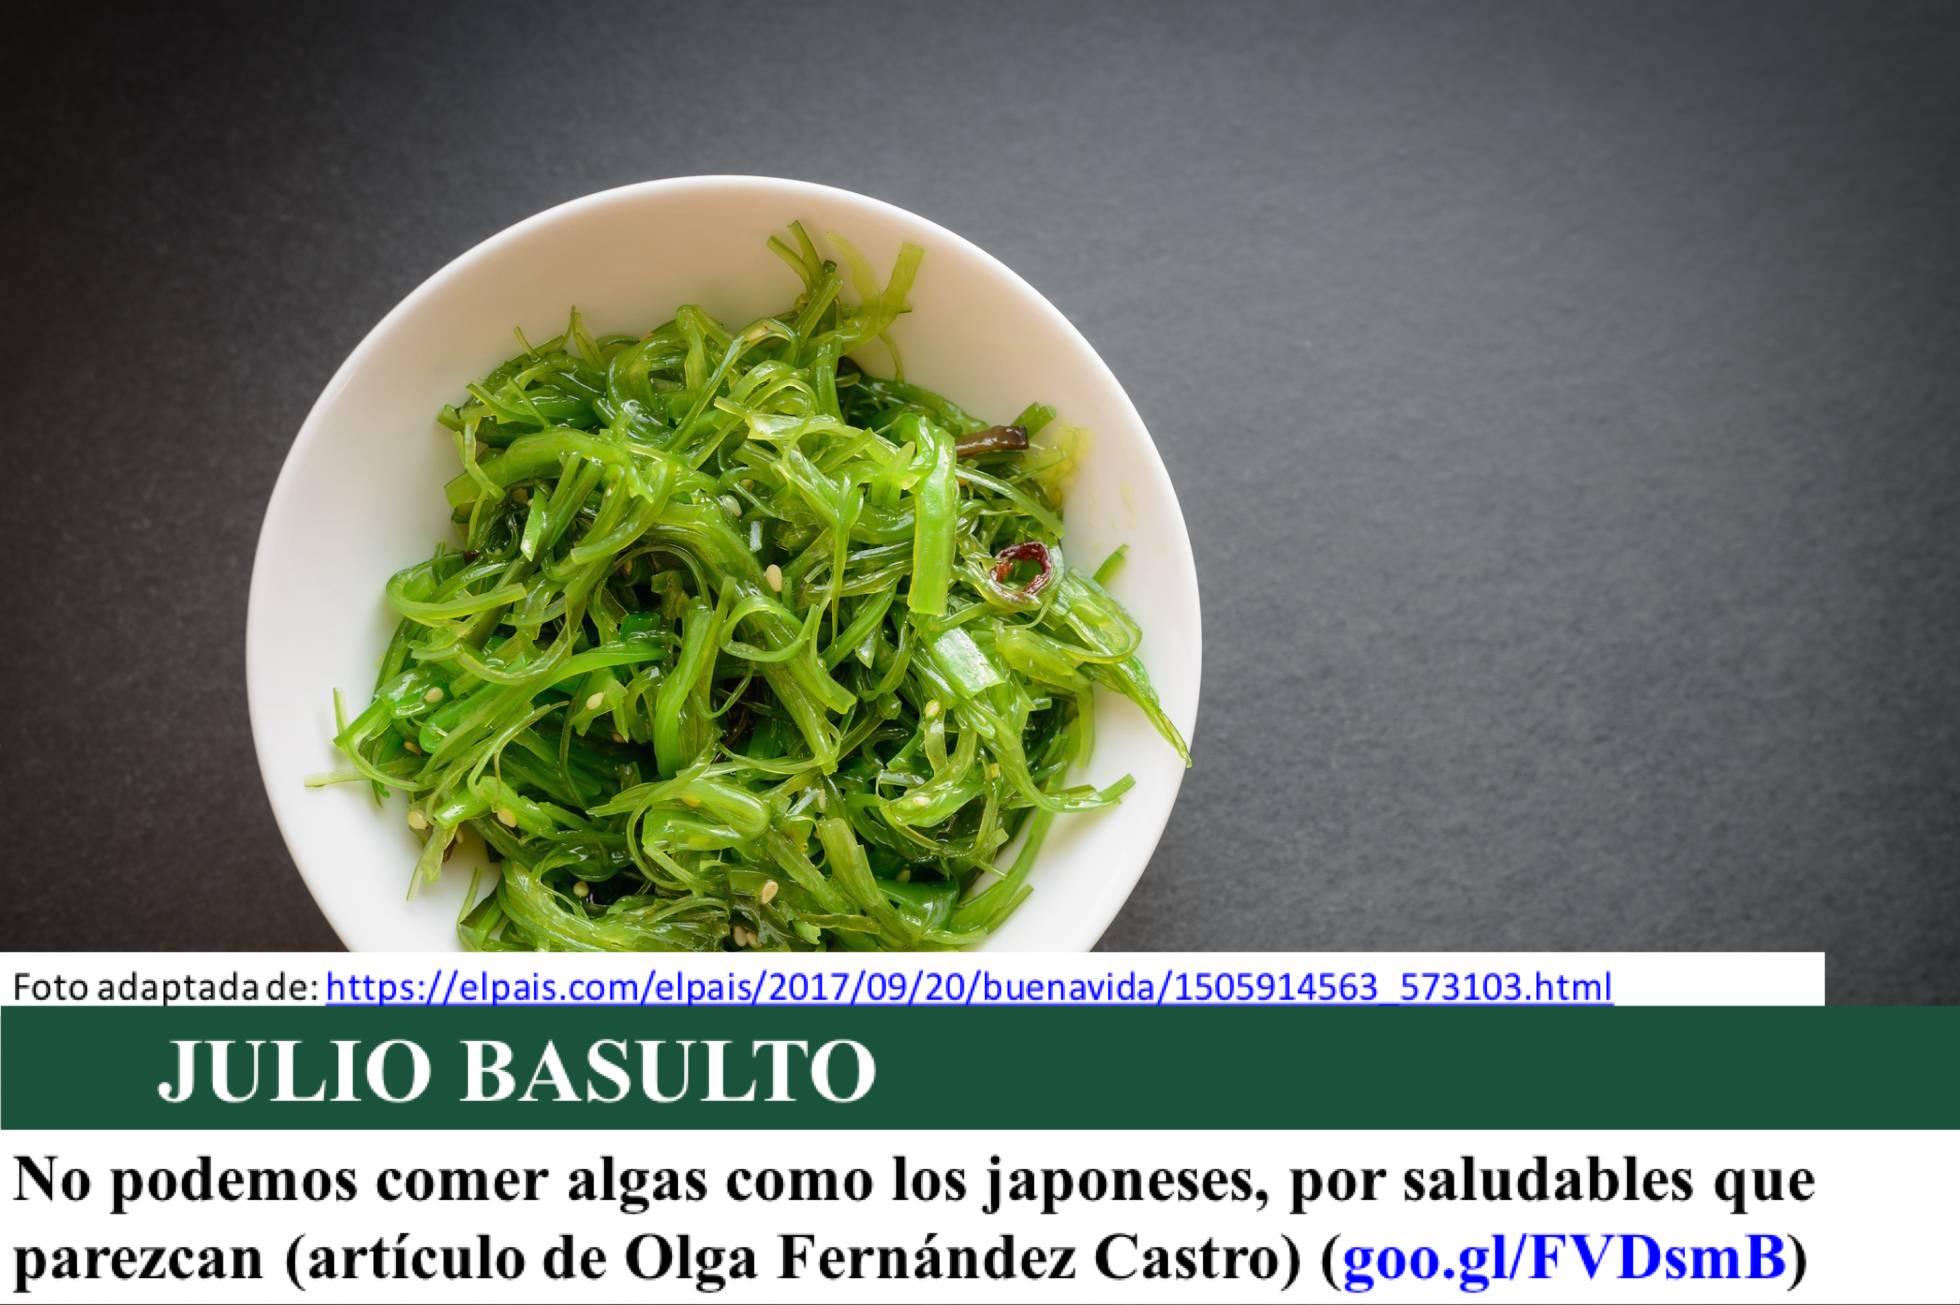 No podemos comer algas como los japoneses, por saludables que parezcan (artículo de Olga Fernández Castro)